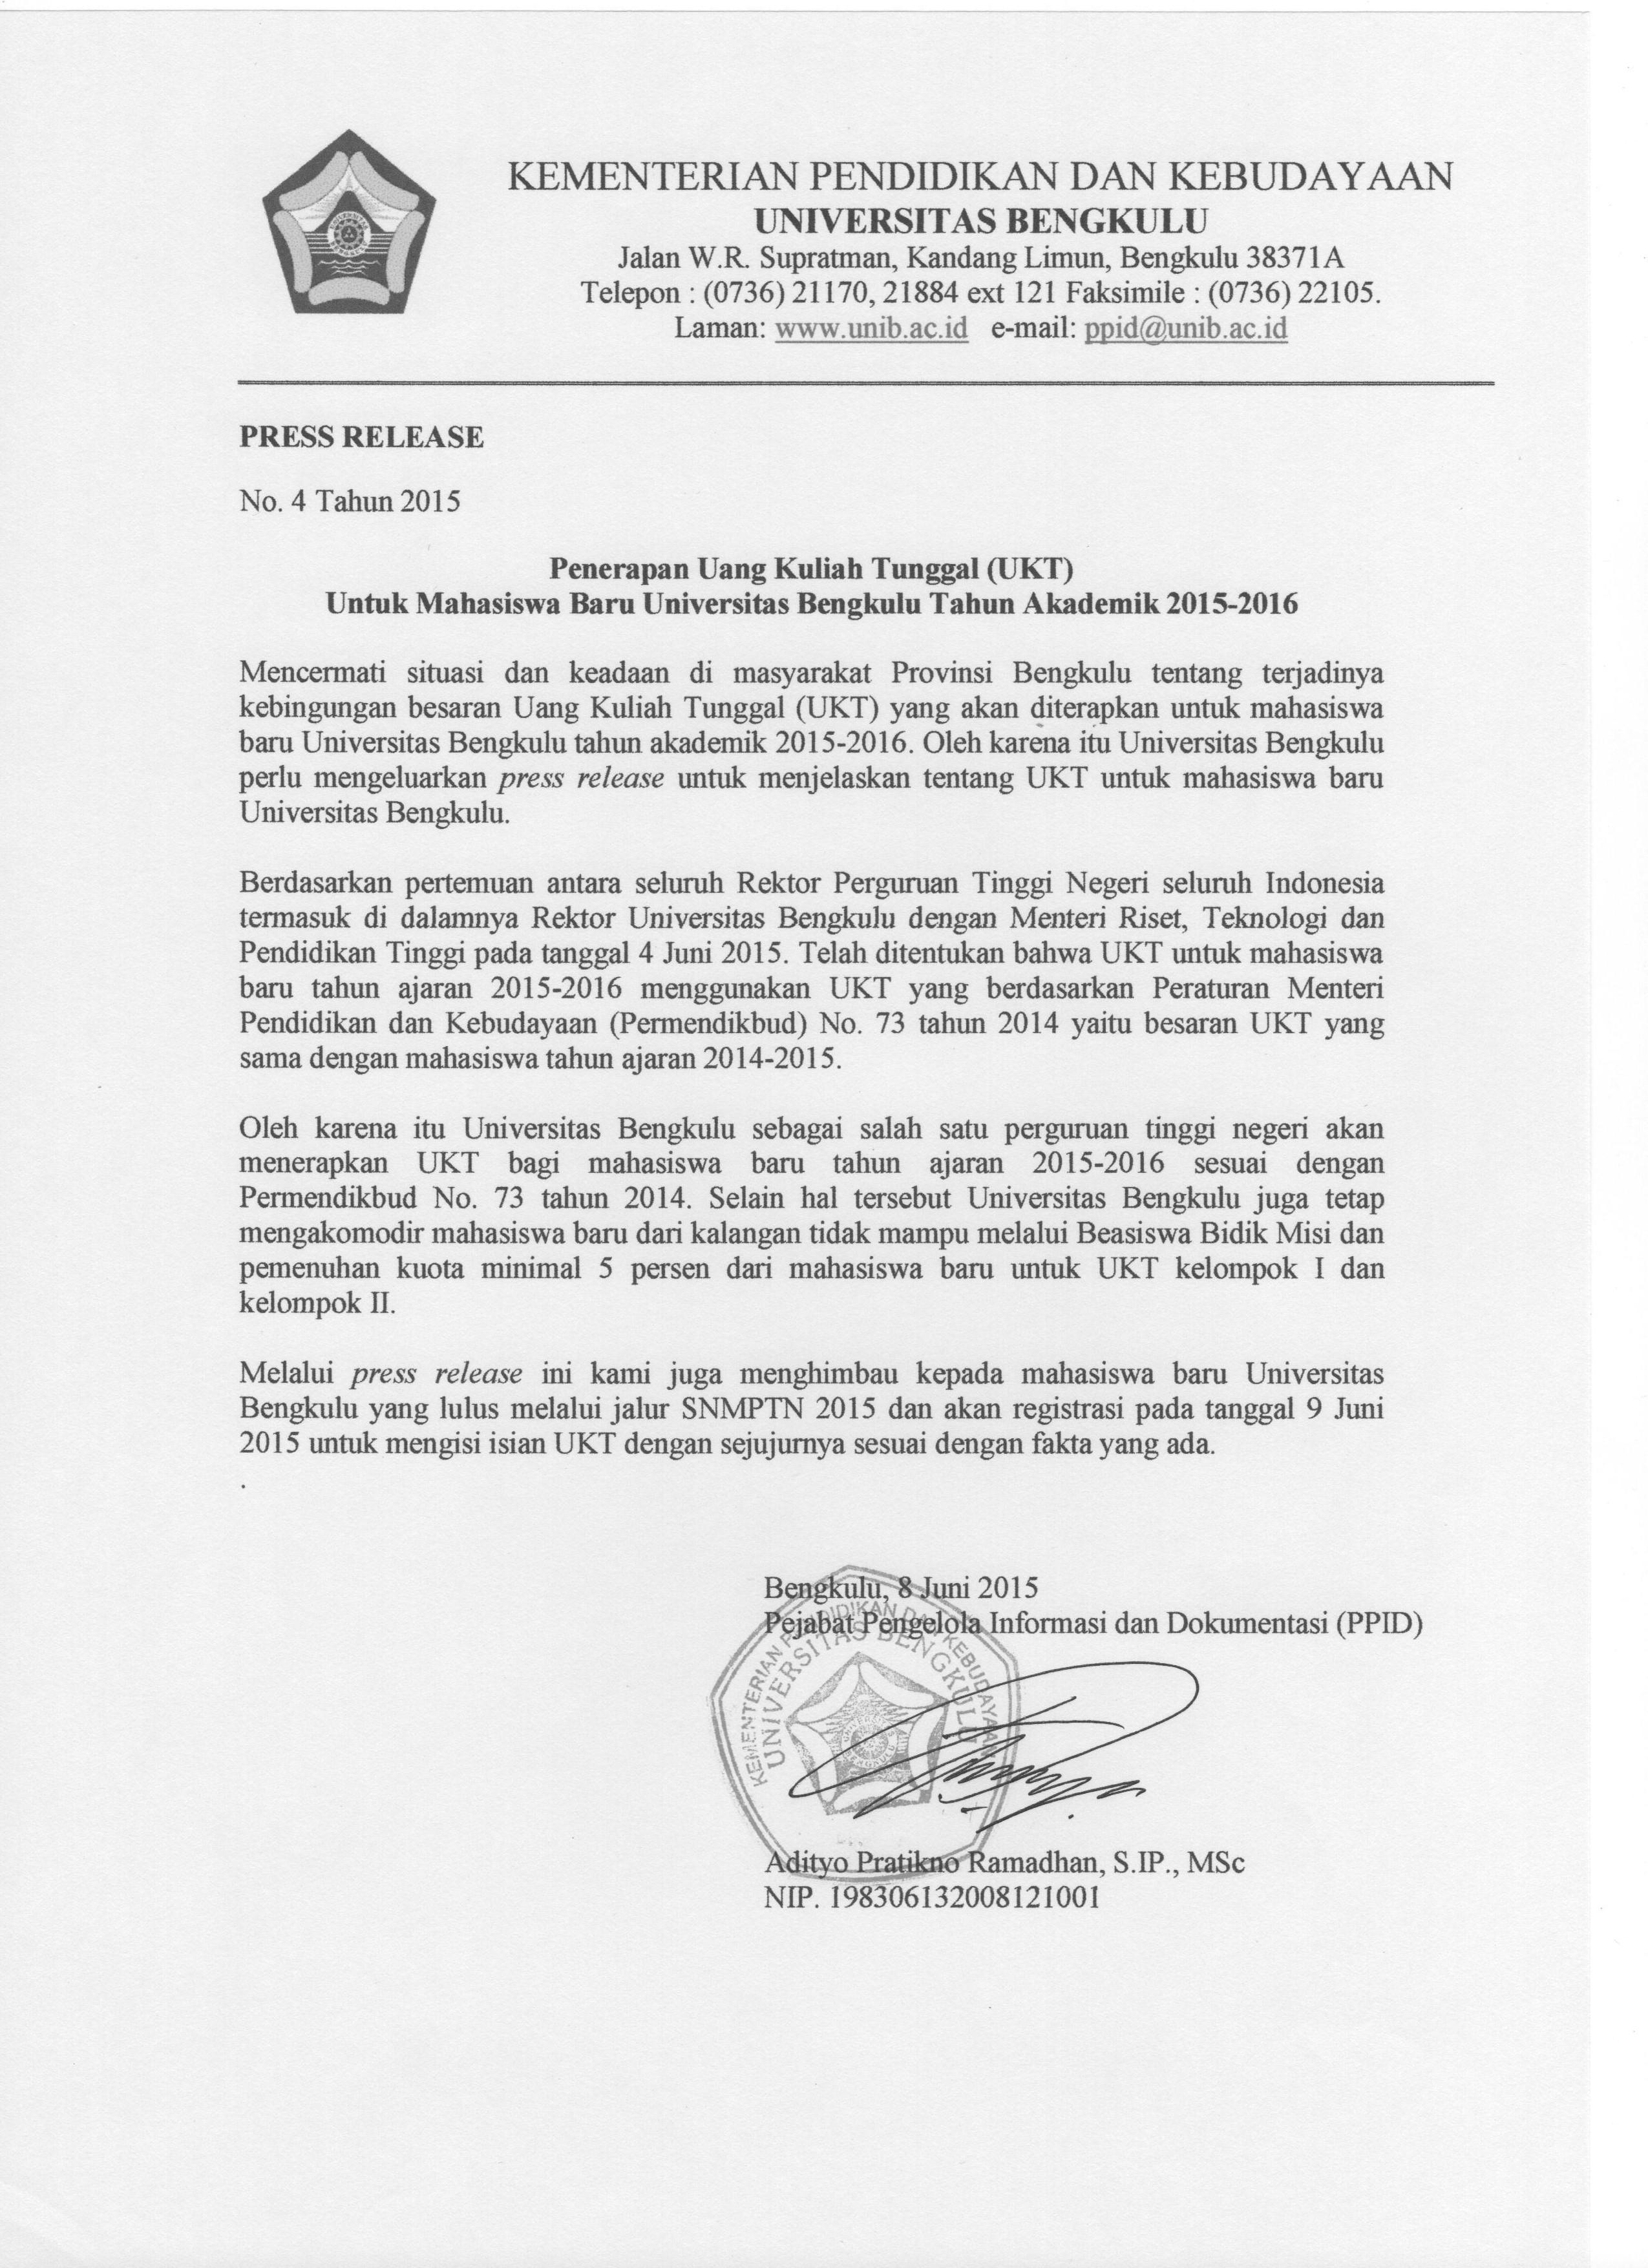 Lebih Lengkapnya Silahkan Download Press Release Ppid Unib Di Sini